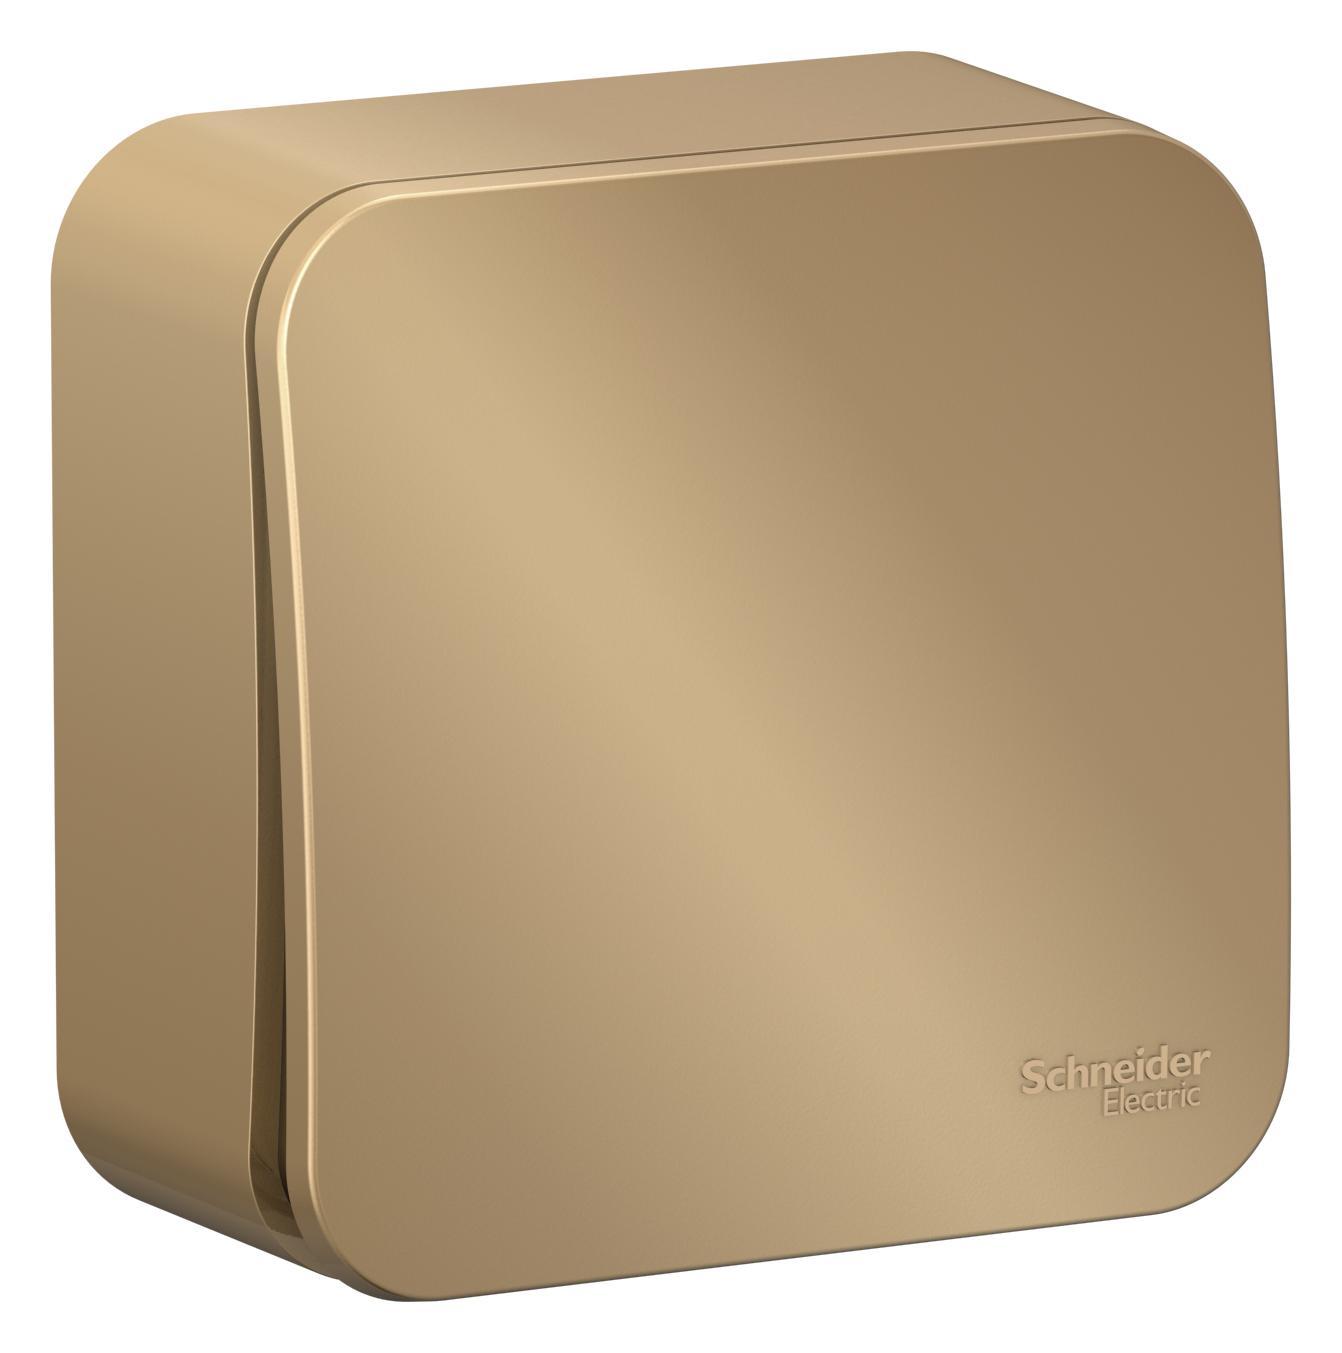 Выключатель Schneider electric Blnva101014 blanca выключатель schneider electric blnva105014 blanca